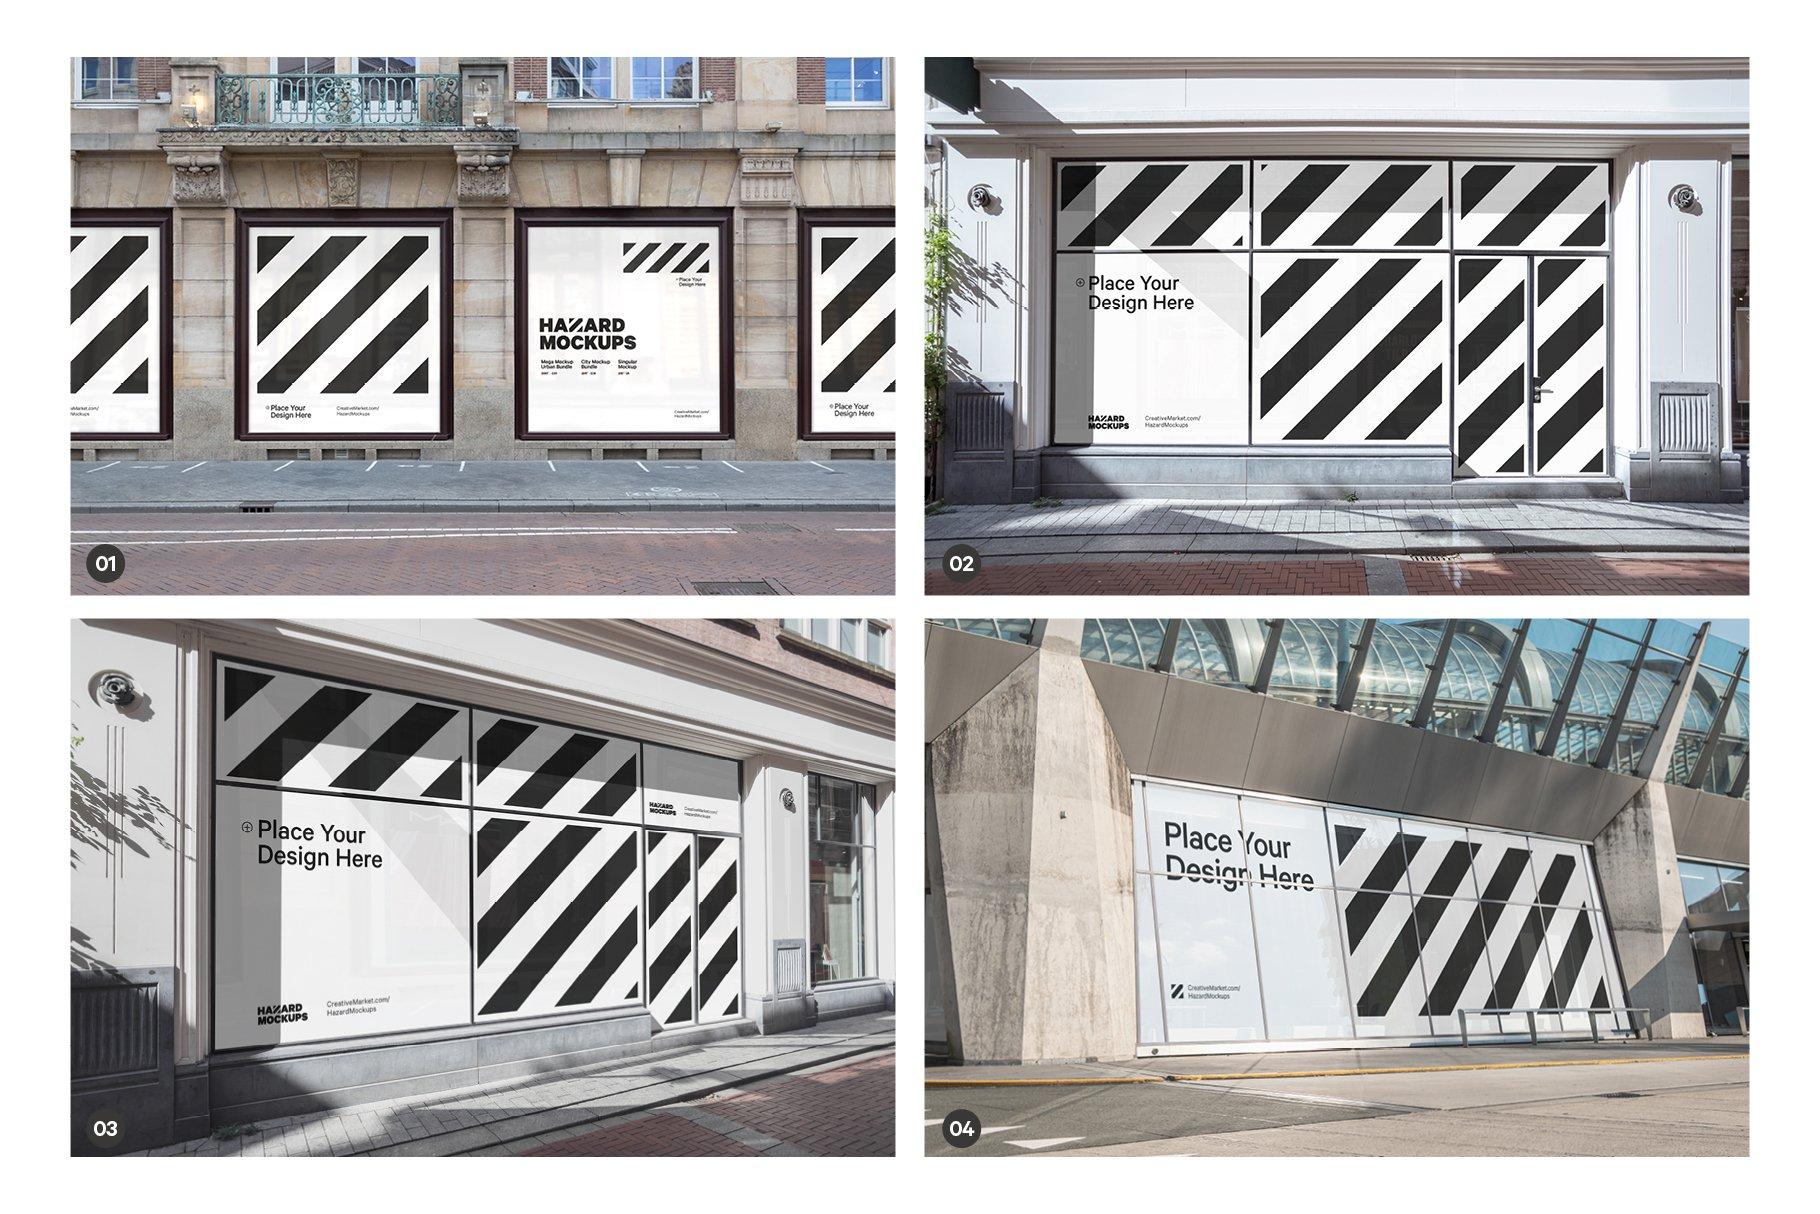 时尚街头店铺外里面橱窗玻璃贴纸广告海报设计展示样机 Shop Facade Mockup Bundle插图1